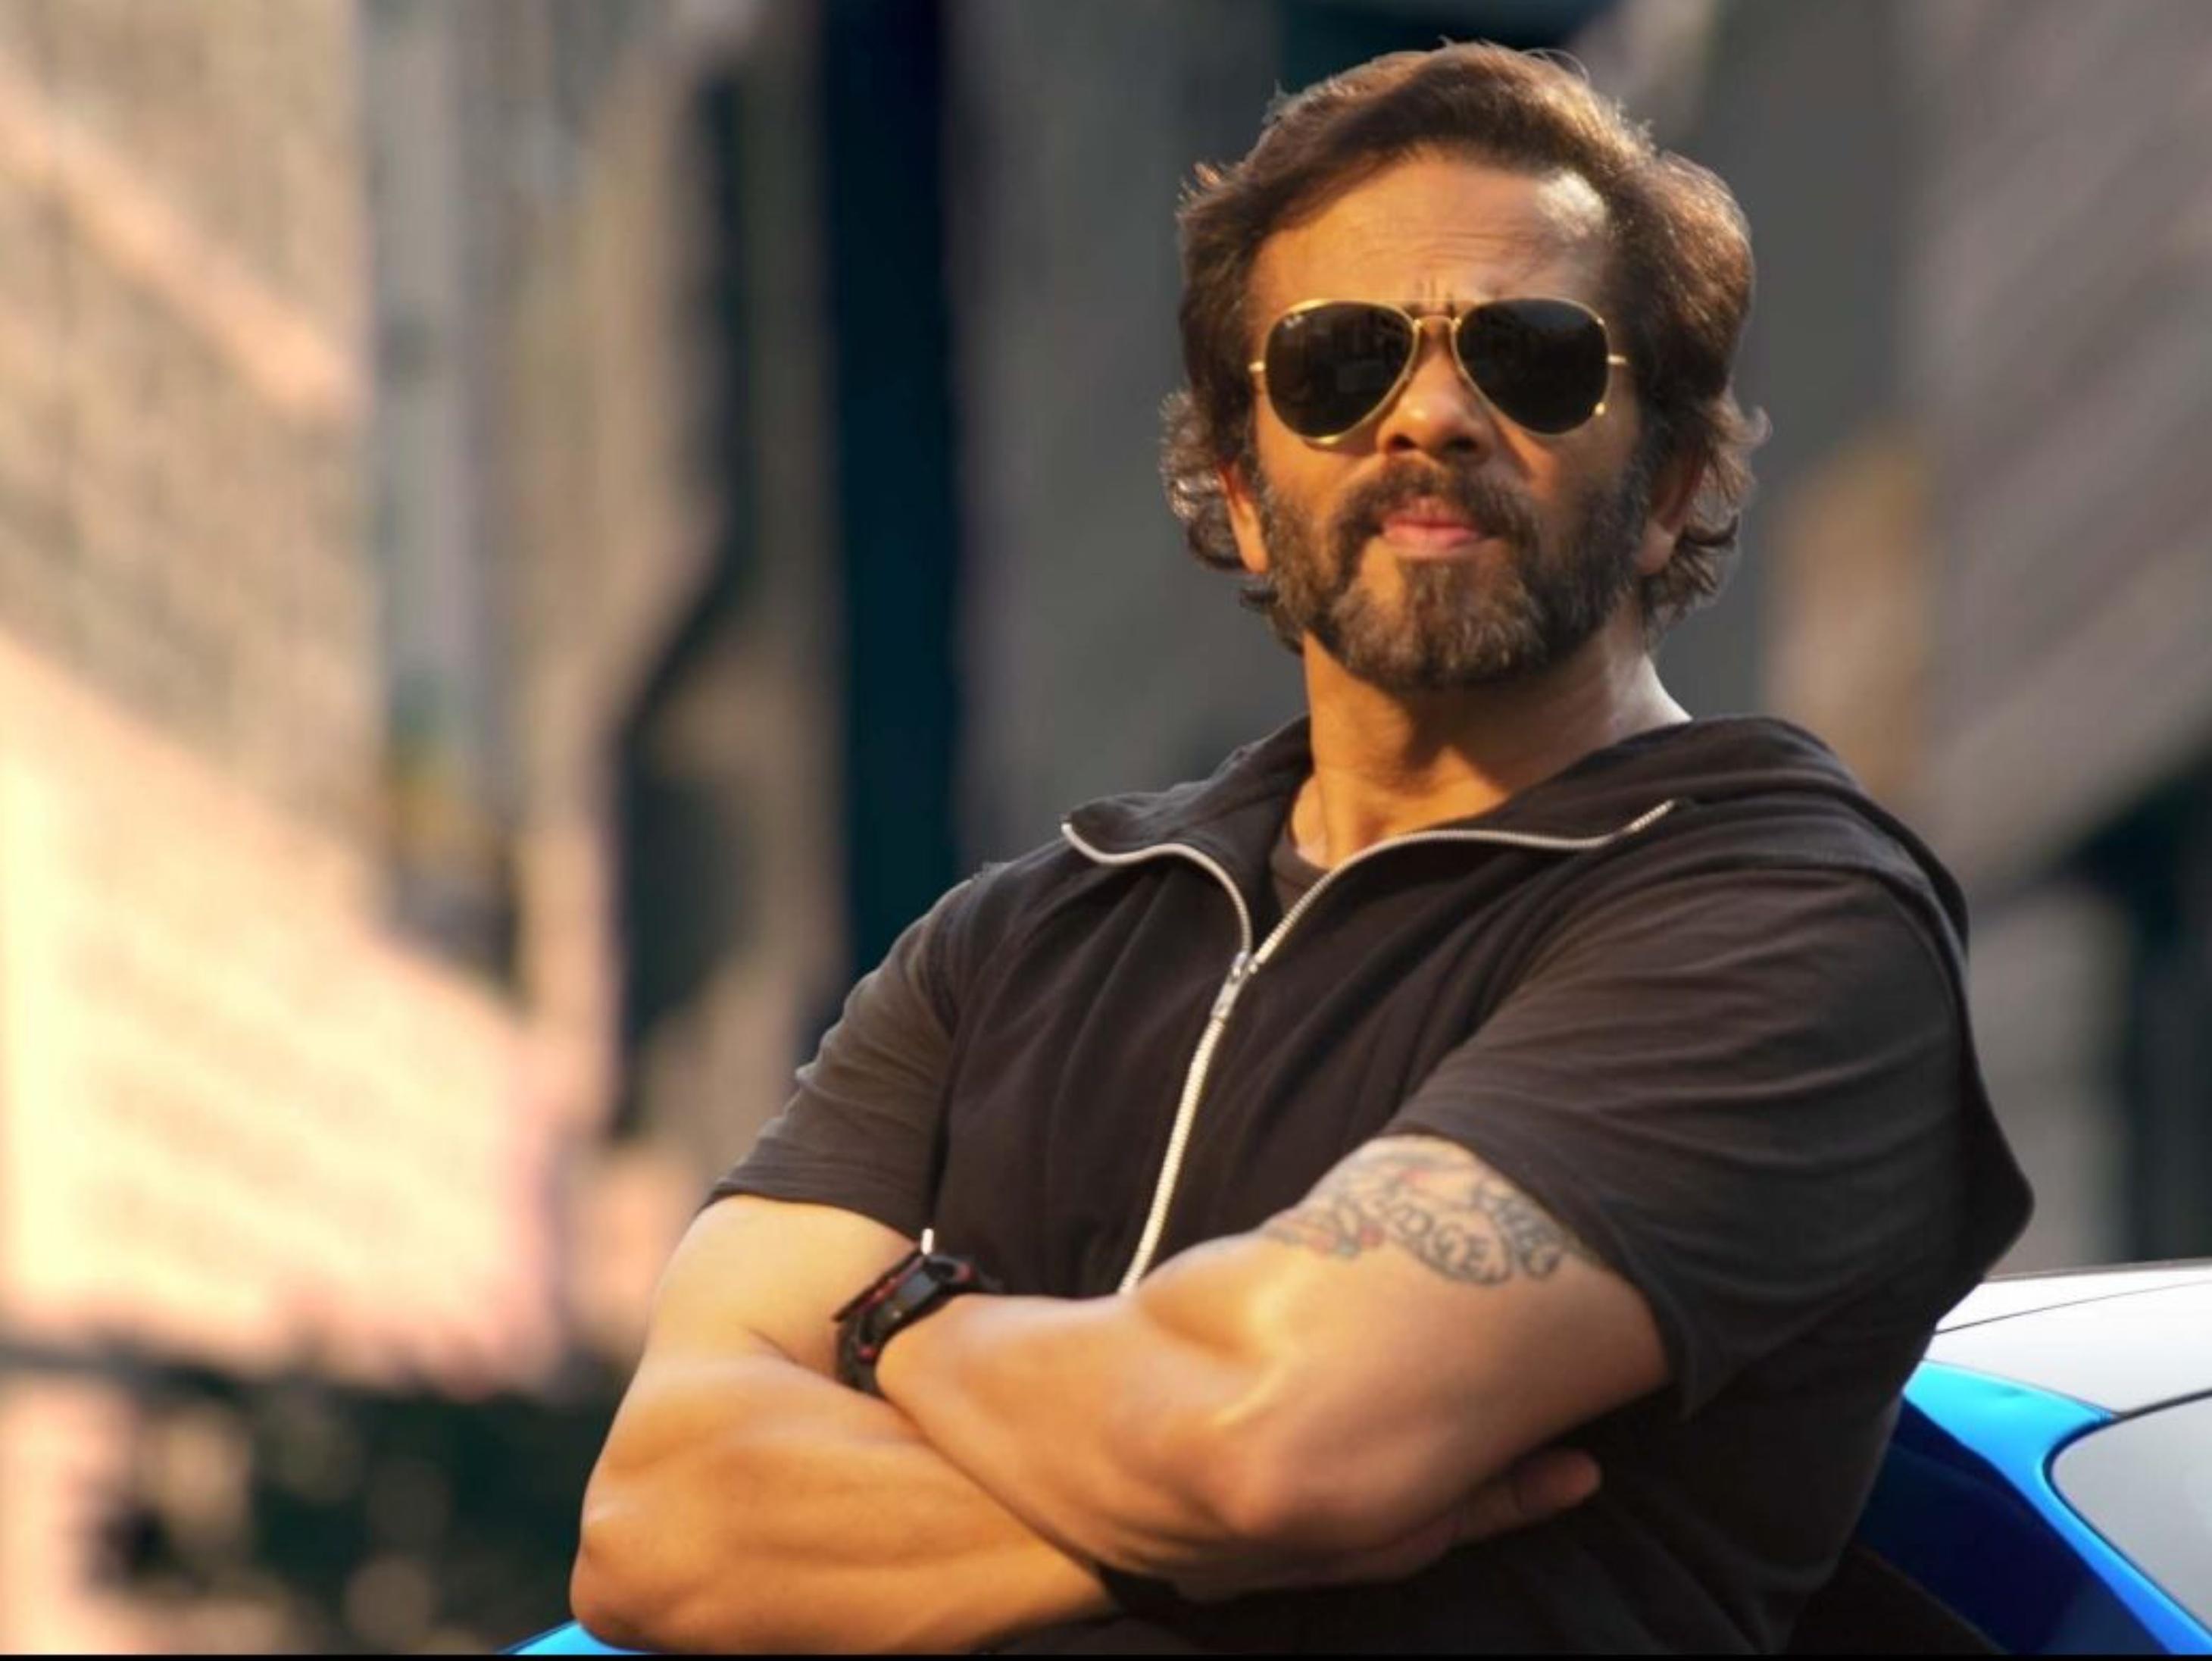 Rohit Shetty on sooryavanshi release no one has answer when theaters will open but I am trying to be mentally strong | रोहित शेट्टी बोले- थिएटर कब खुलेंगे इसका जवाब किसी के पास नहीं है, मेंटली स्ट्रॉन्ग रहने की कोशिश कर रहा हूं